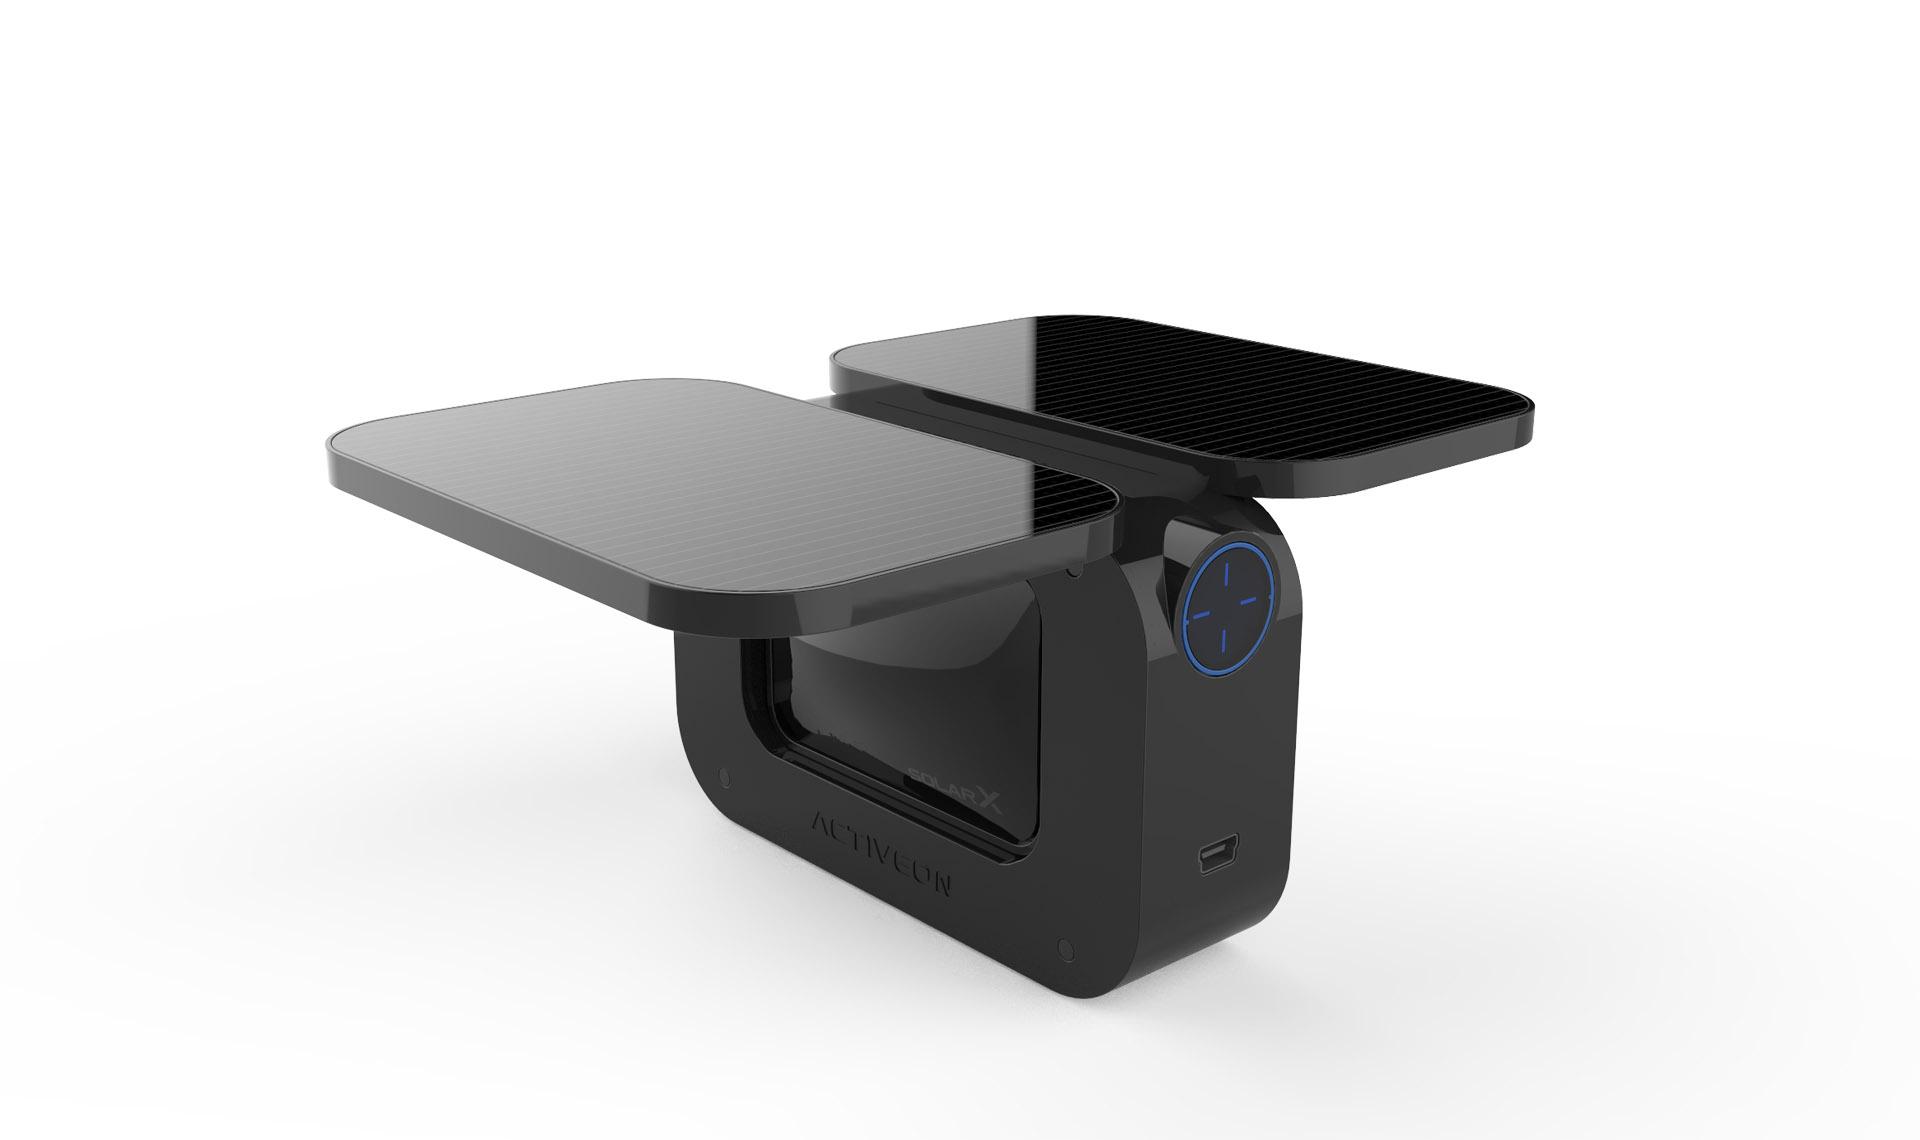 這台太陽能運動攝影機一個小時就能把自己充飽